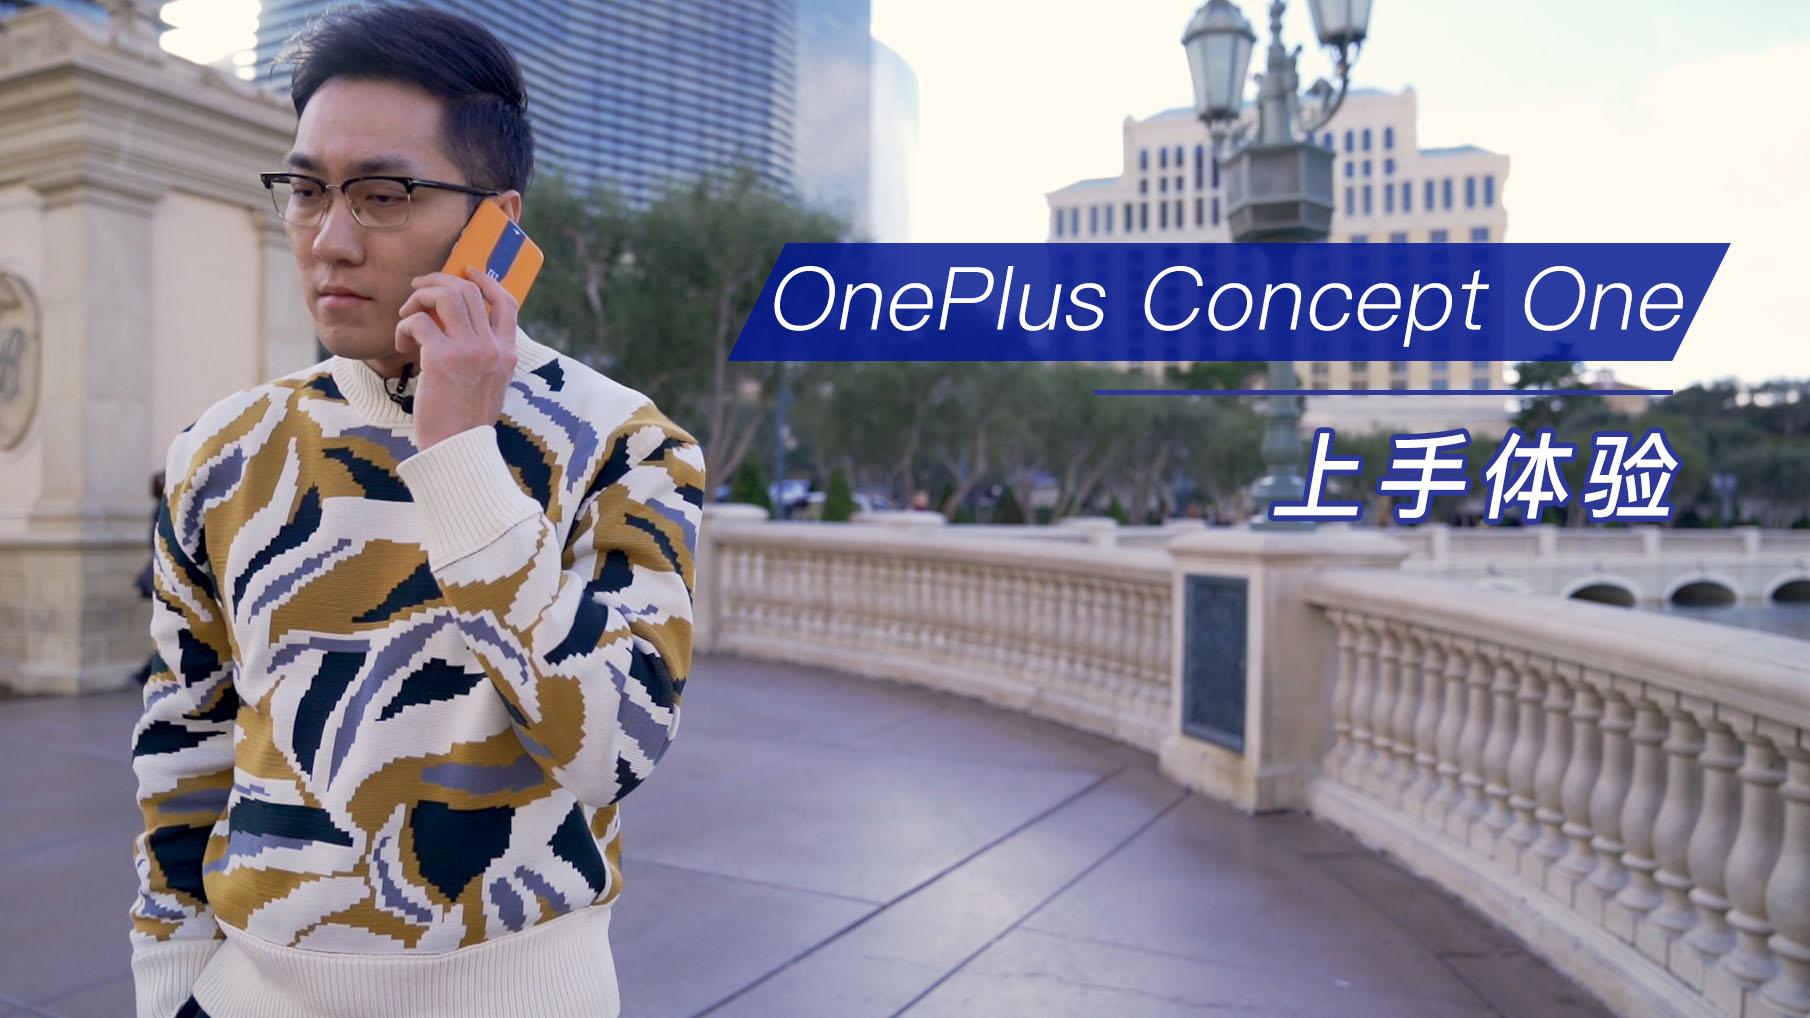 一加首款概念机 OnePlus Concept One 超近距离快速上手体验